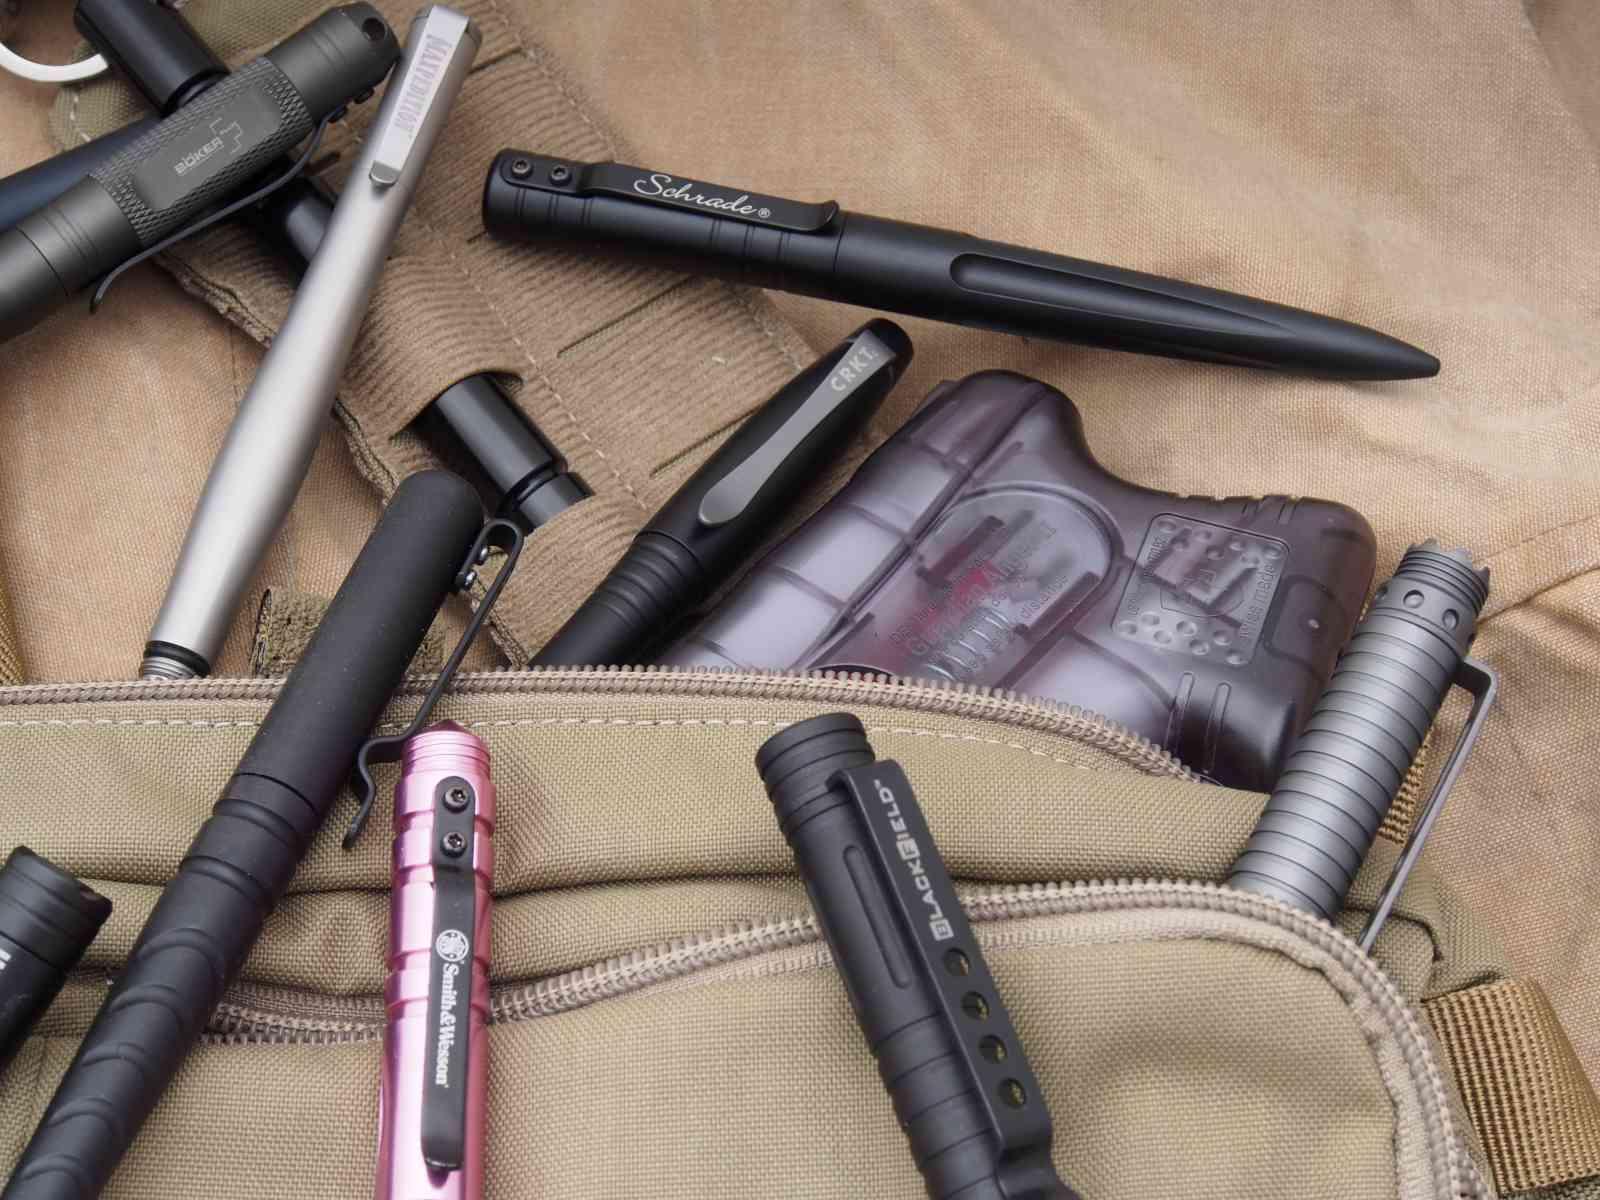 Tactical Pen 02